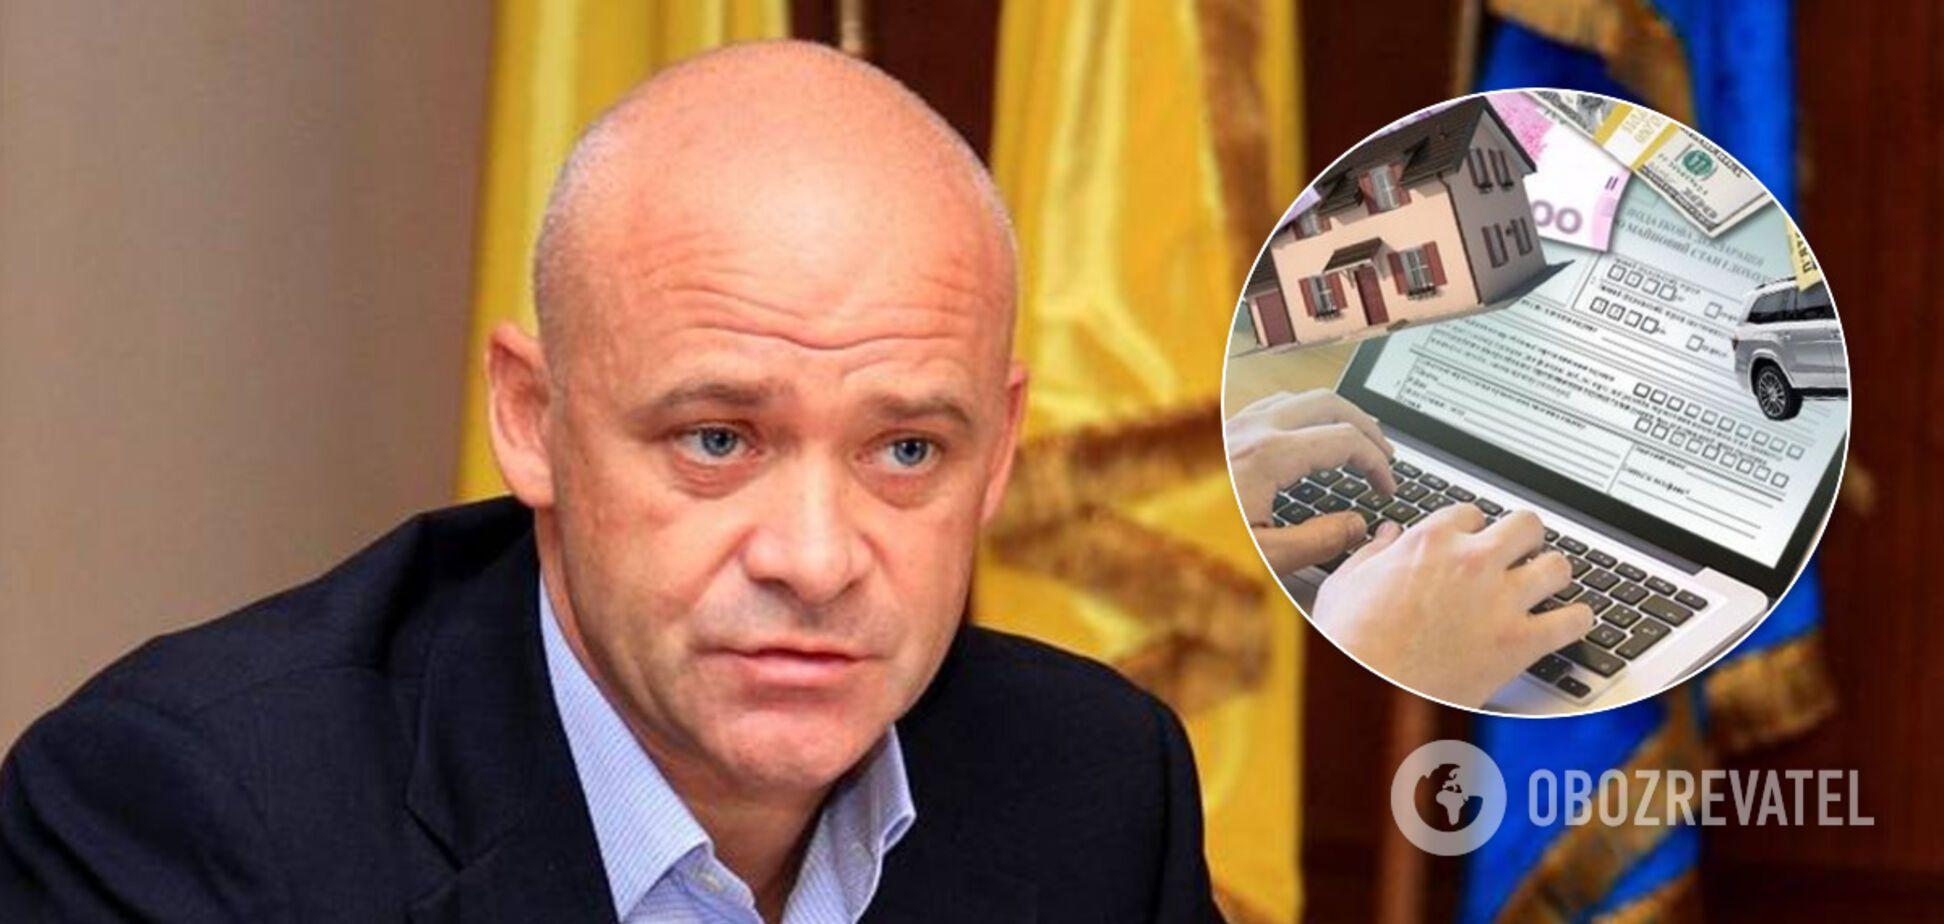 НАБУ завершило расследование по тайному имуществу мэра Одессы Труханова